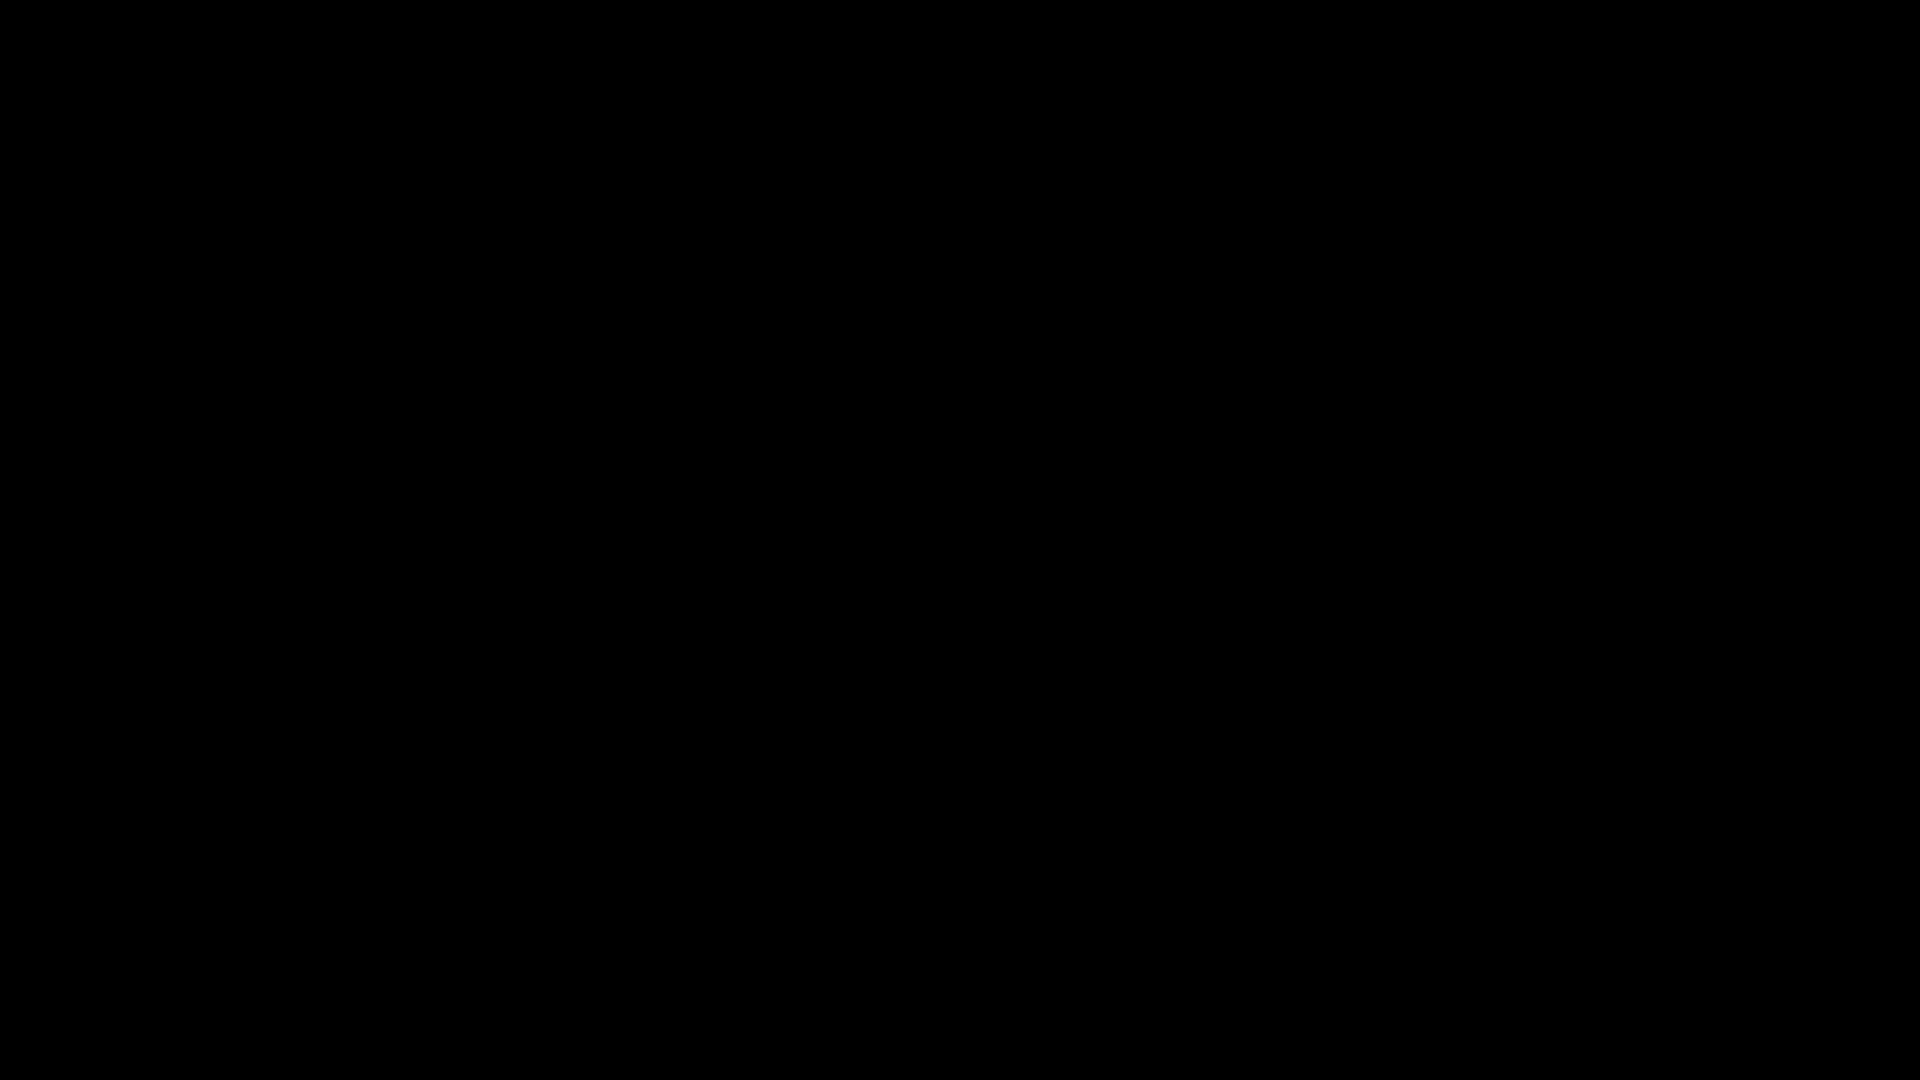 ELISE CARON & DENIS CHOUILLET - NOUVELLES ANTIENNES